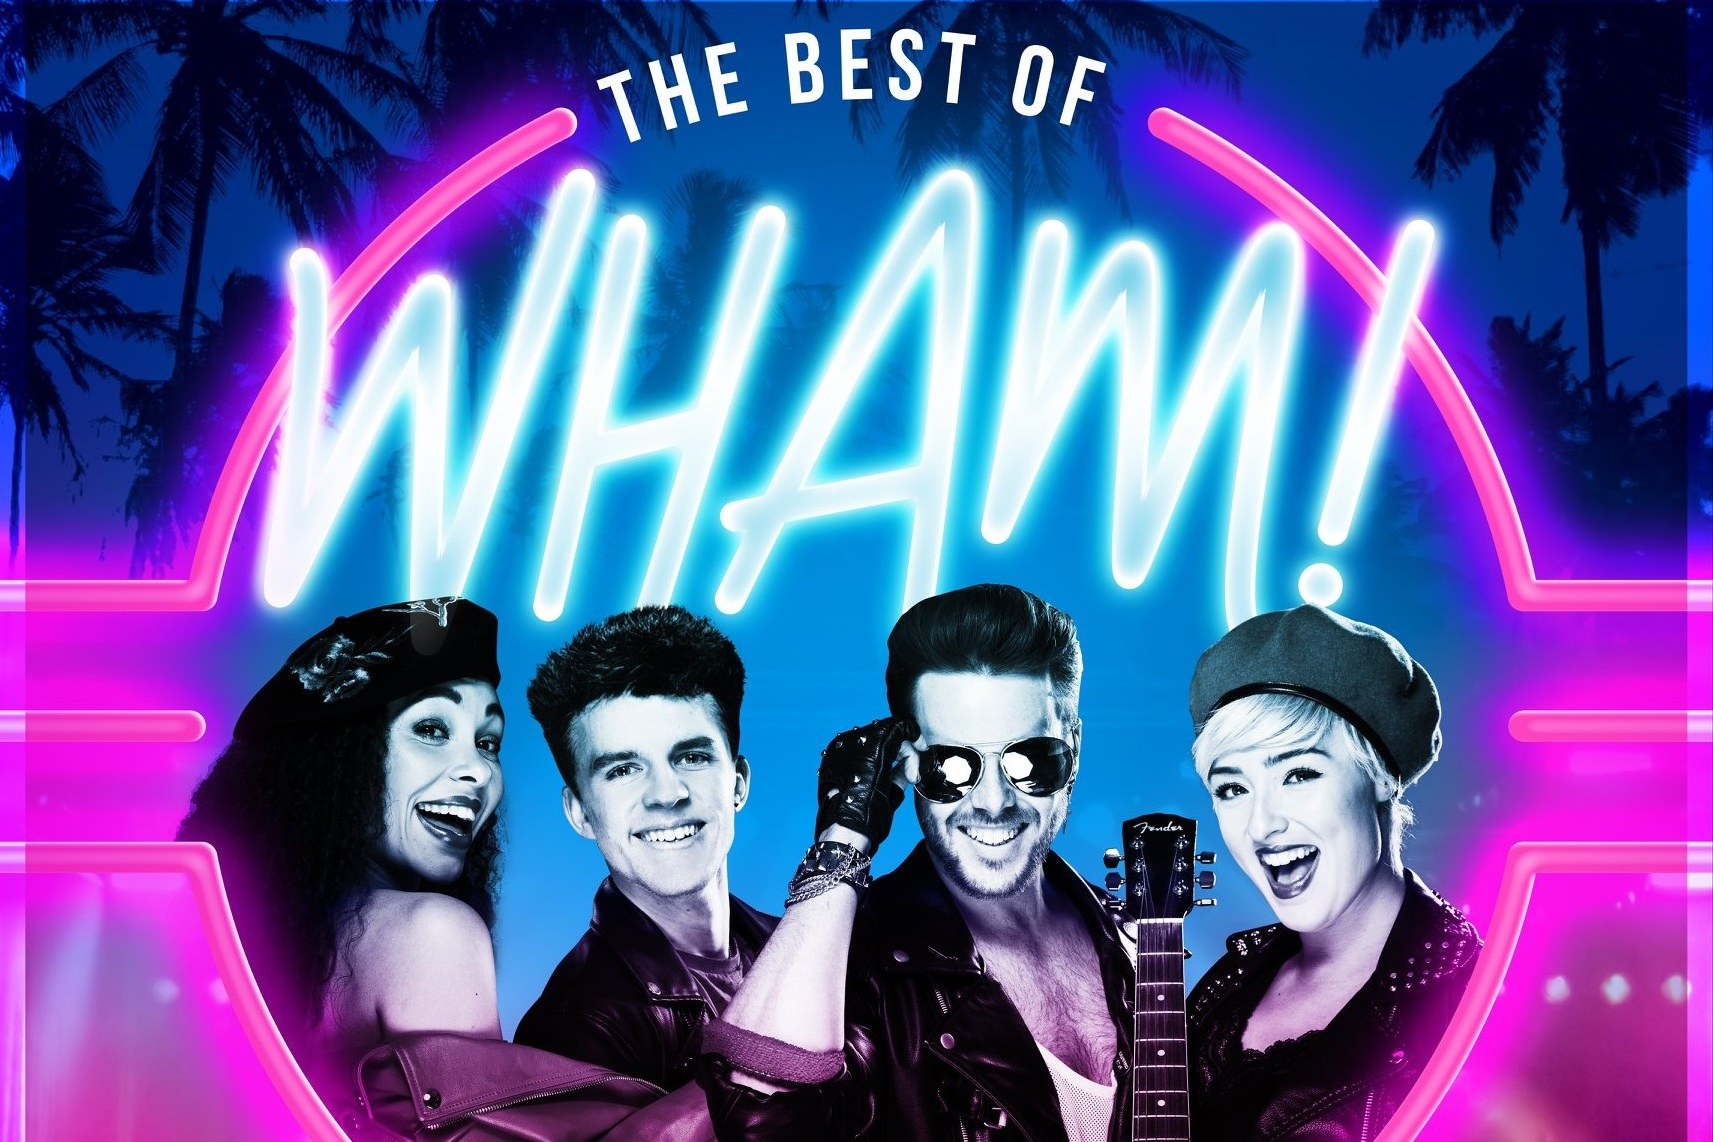 Best of Wham.jpg